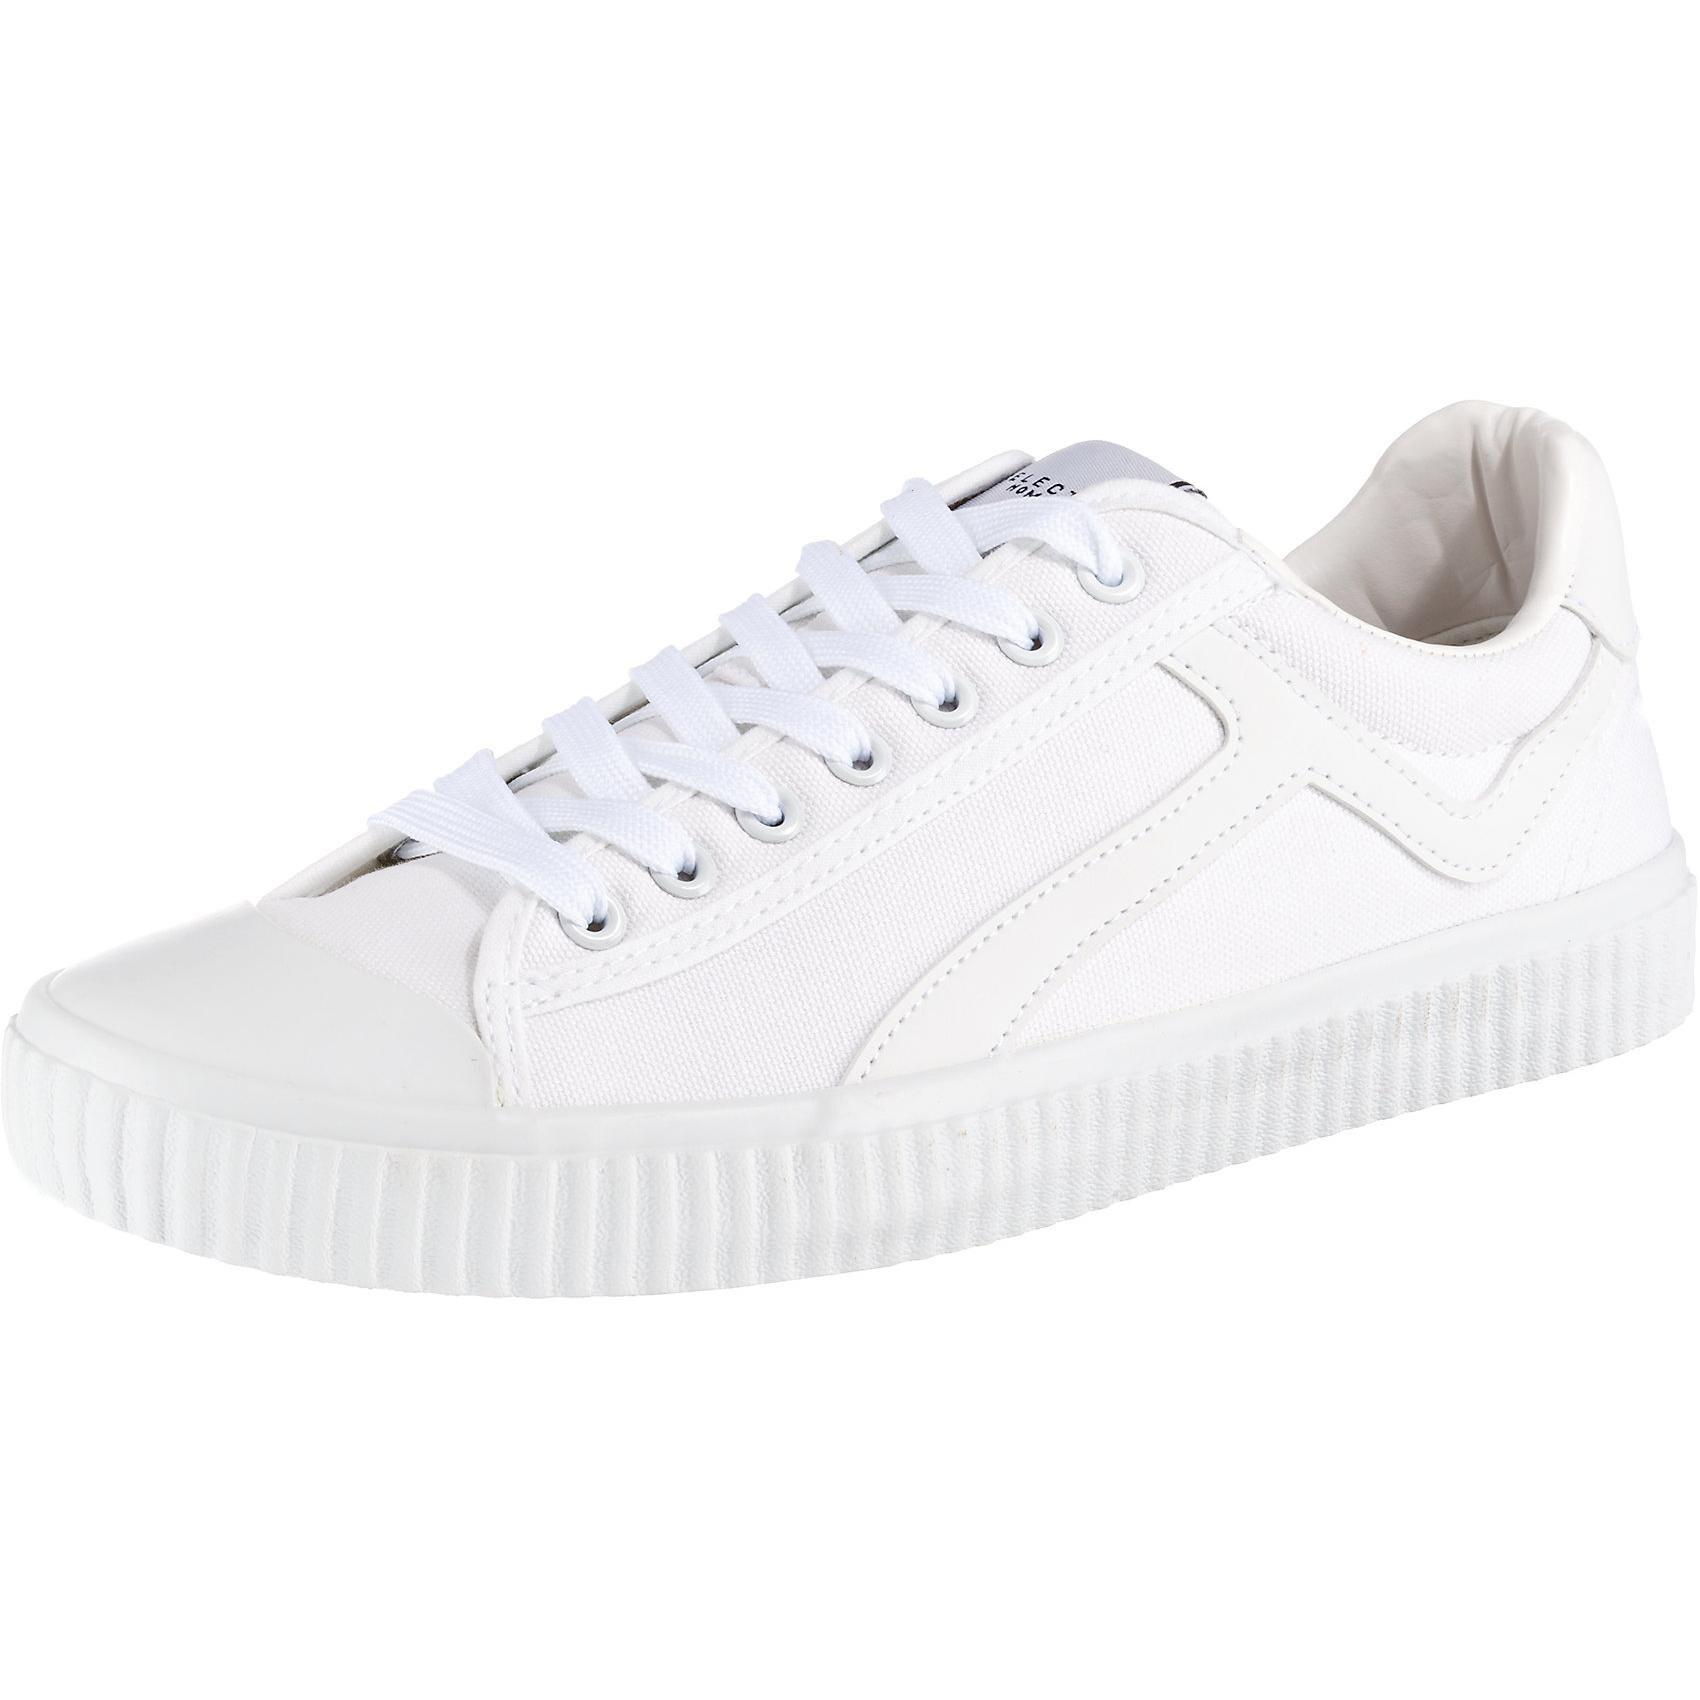 Bestellen Schuhe Online Herren Rewe » w0OknP